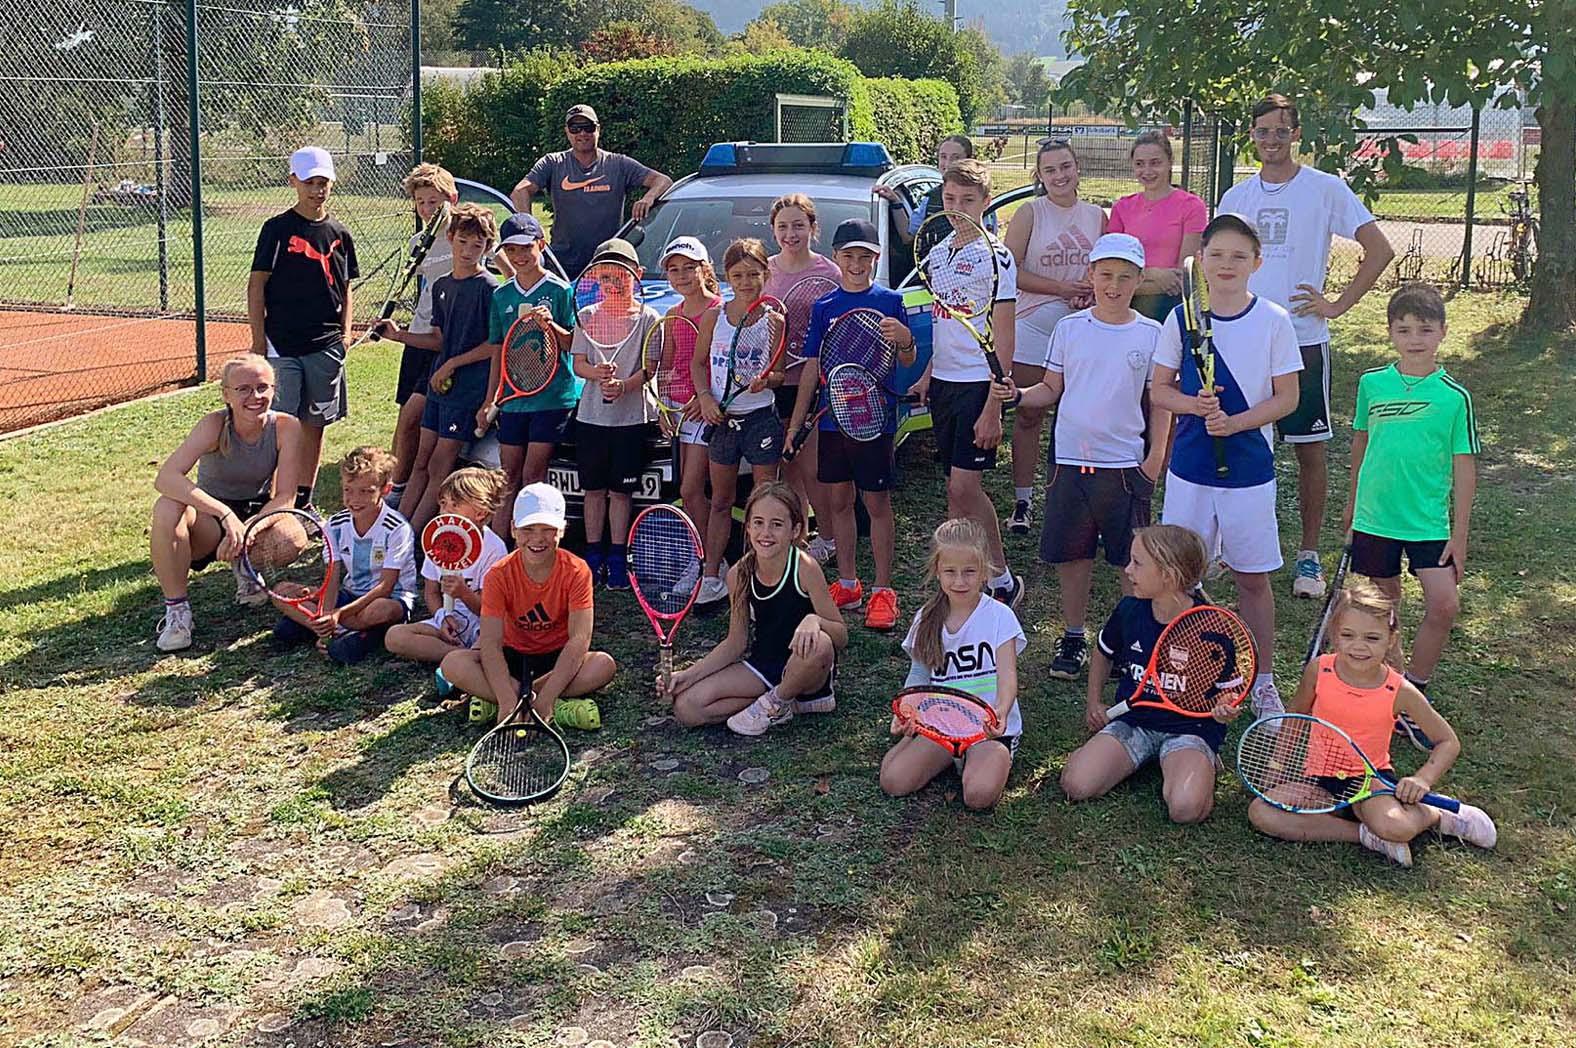 2021-9-17-ZE-cw-Tennis-Tenniscamp_TC_Zell_2021_Polizei